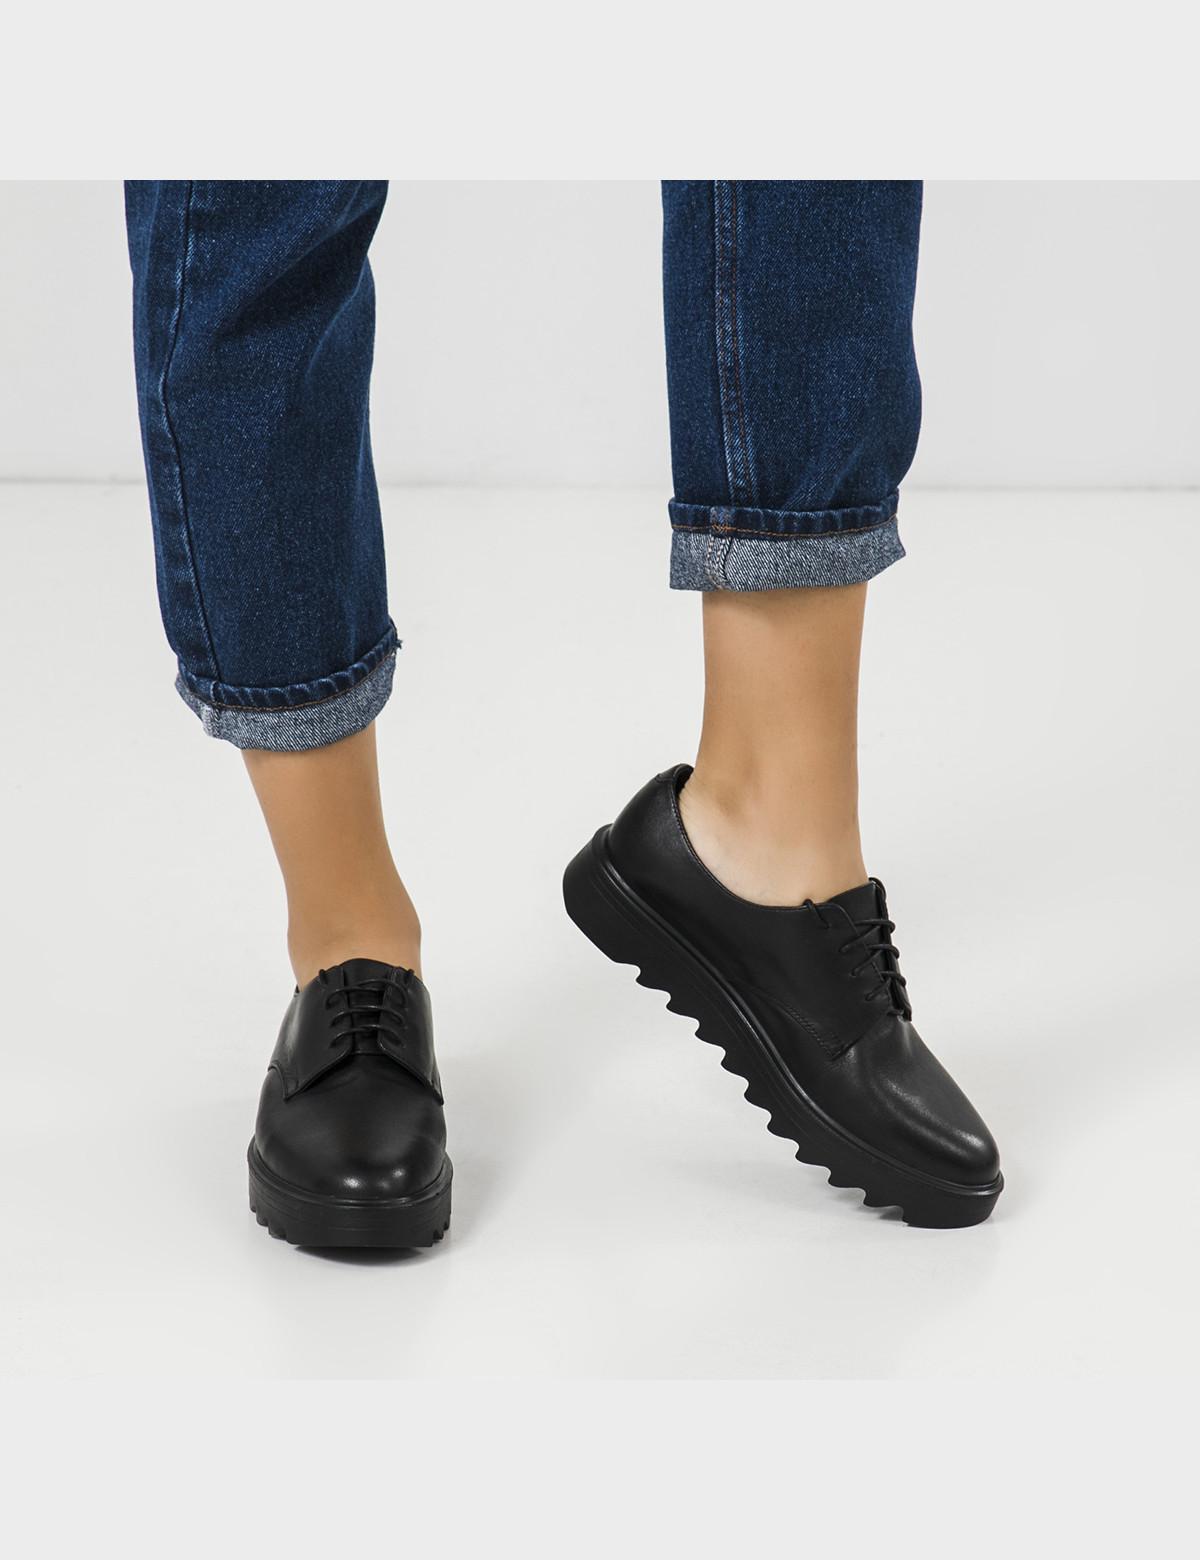 Туфли черные, натуральная кожа5